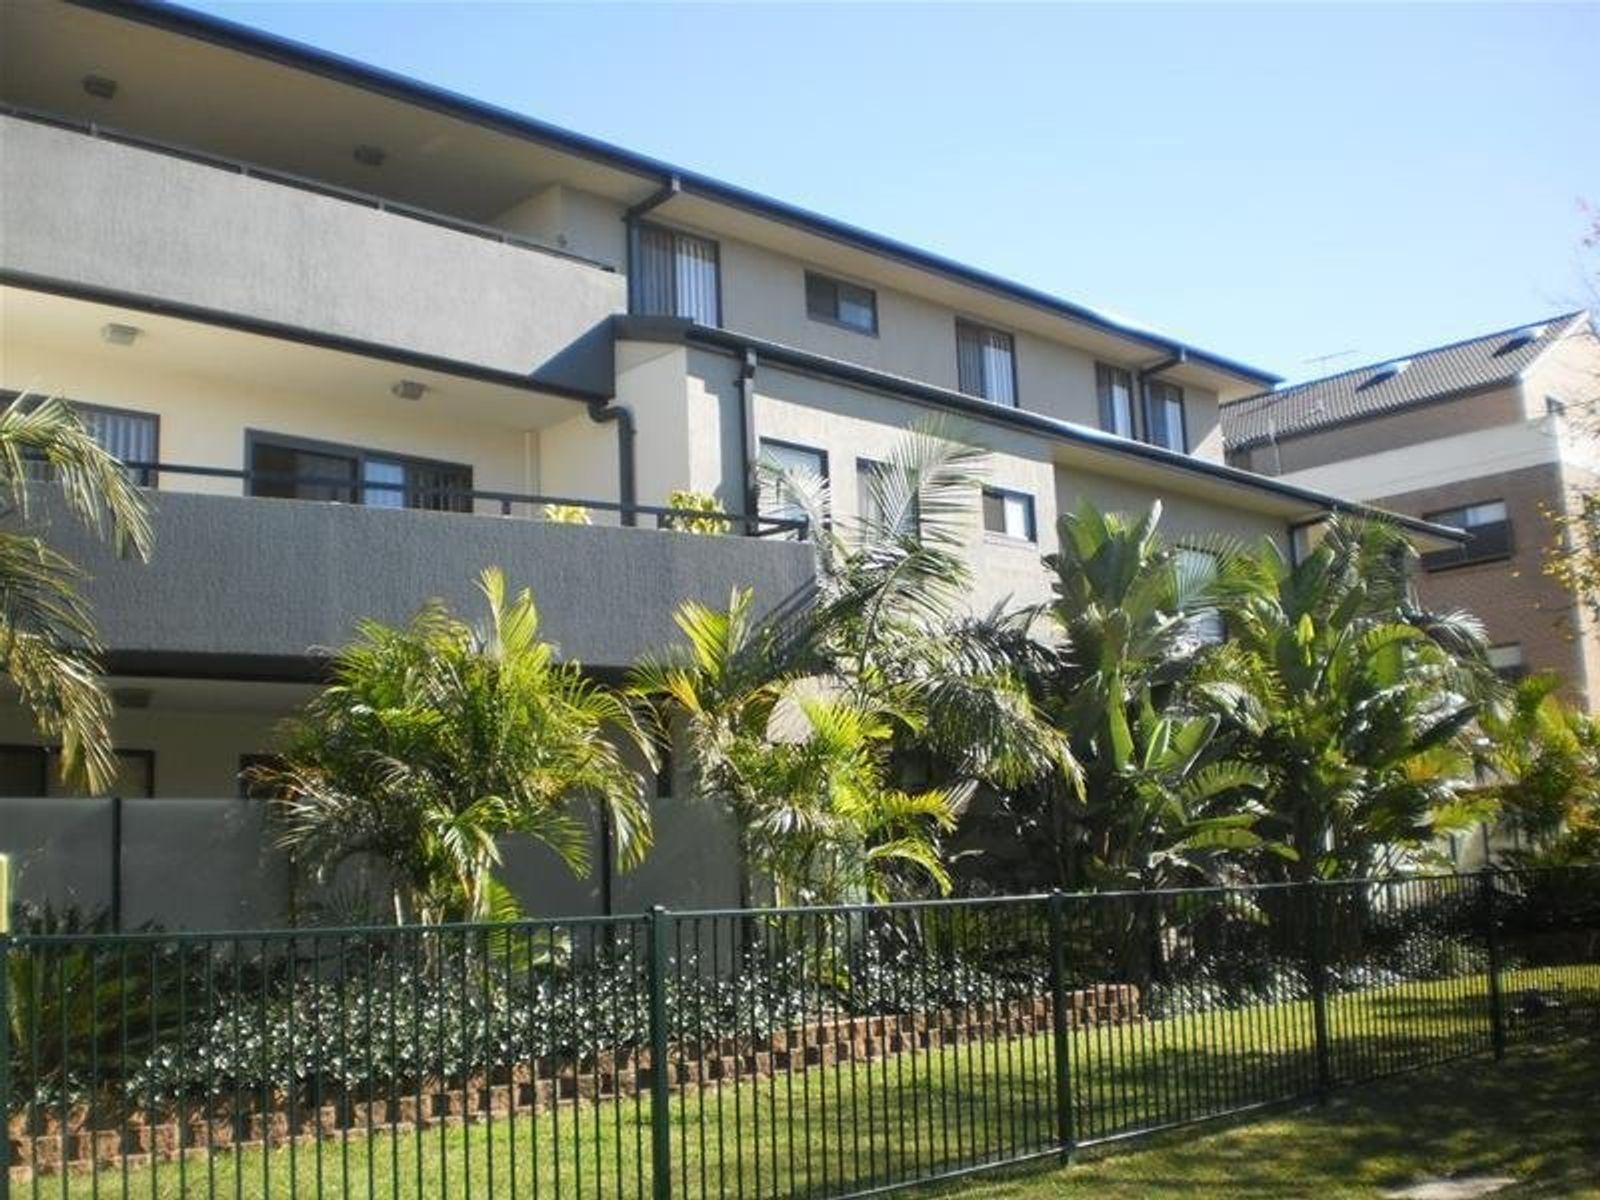 37/7-9 Regentville Road, Penrith, NSW 2750